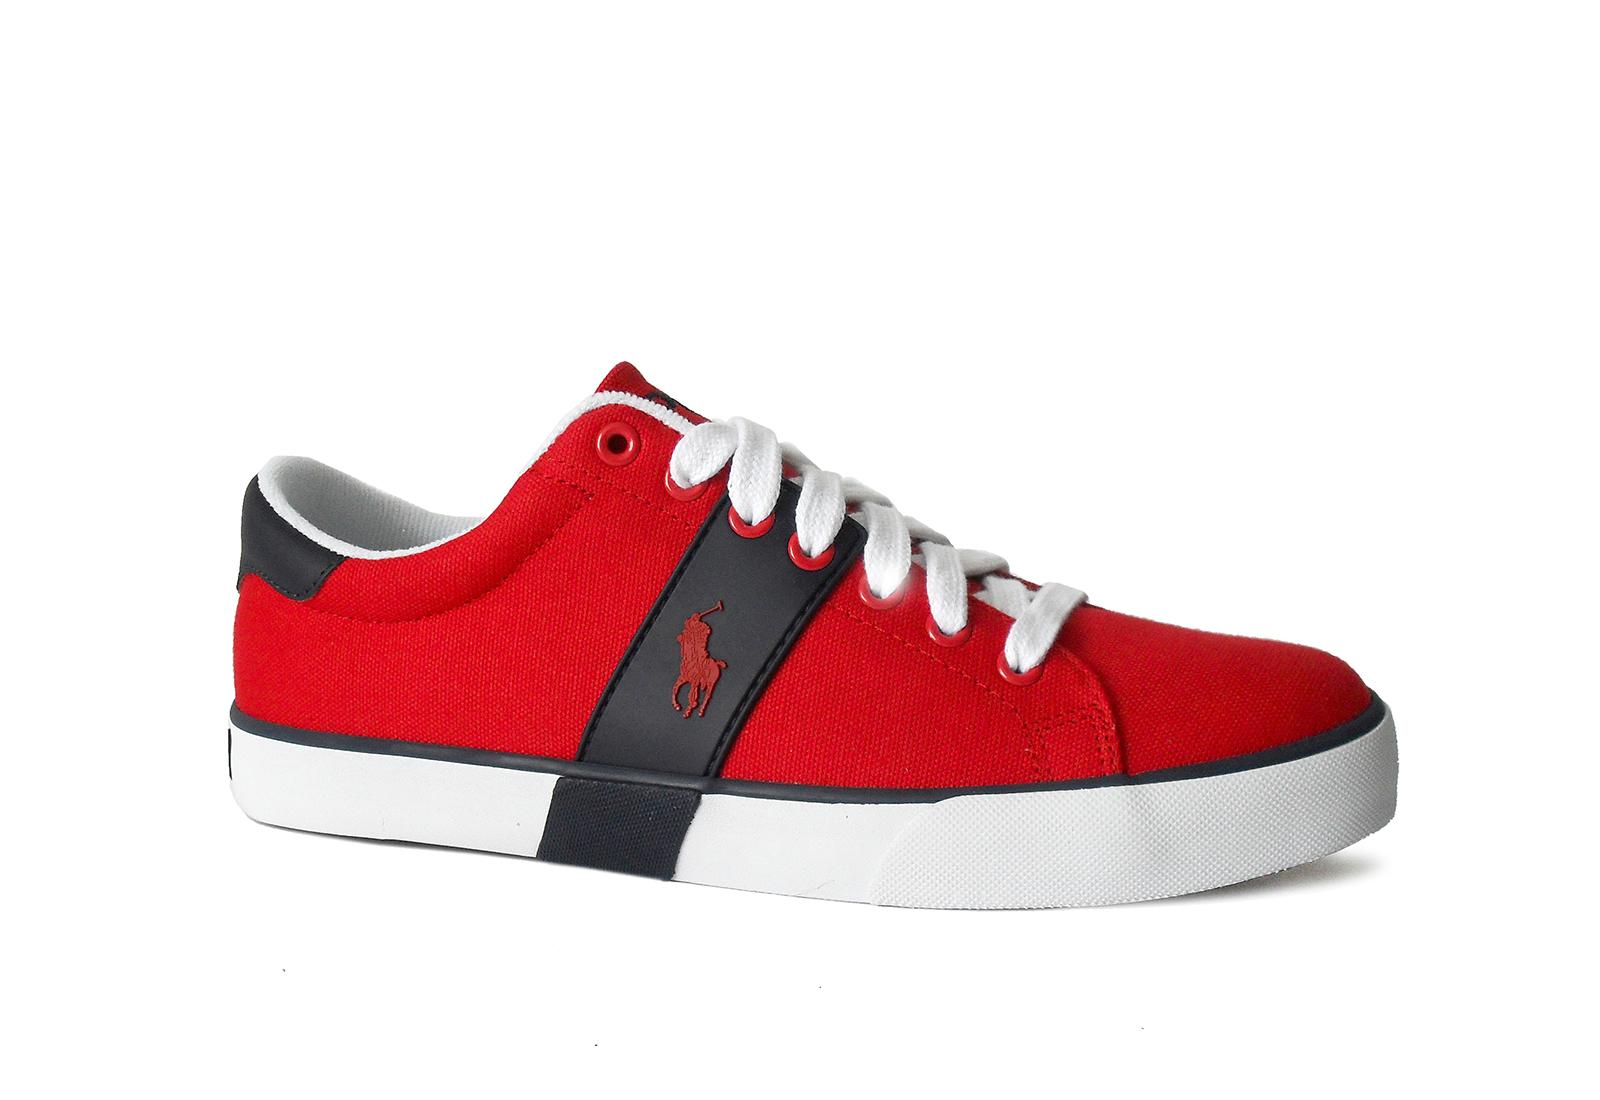 Polo Ralph Lauren Cipő - Burwood - 218-C-A6023 - Office Shoes ... 17e6db05b5